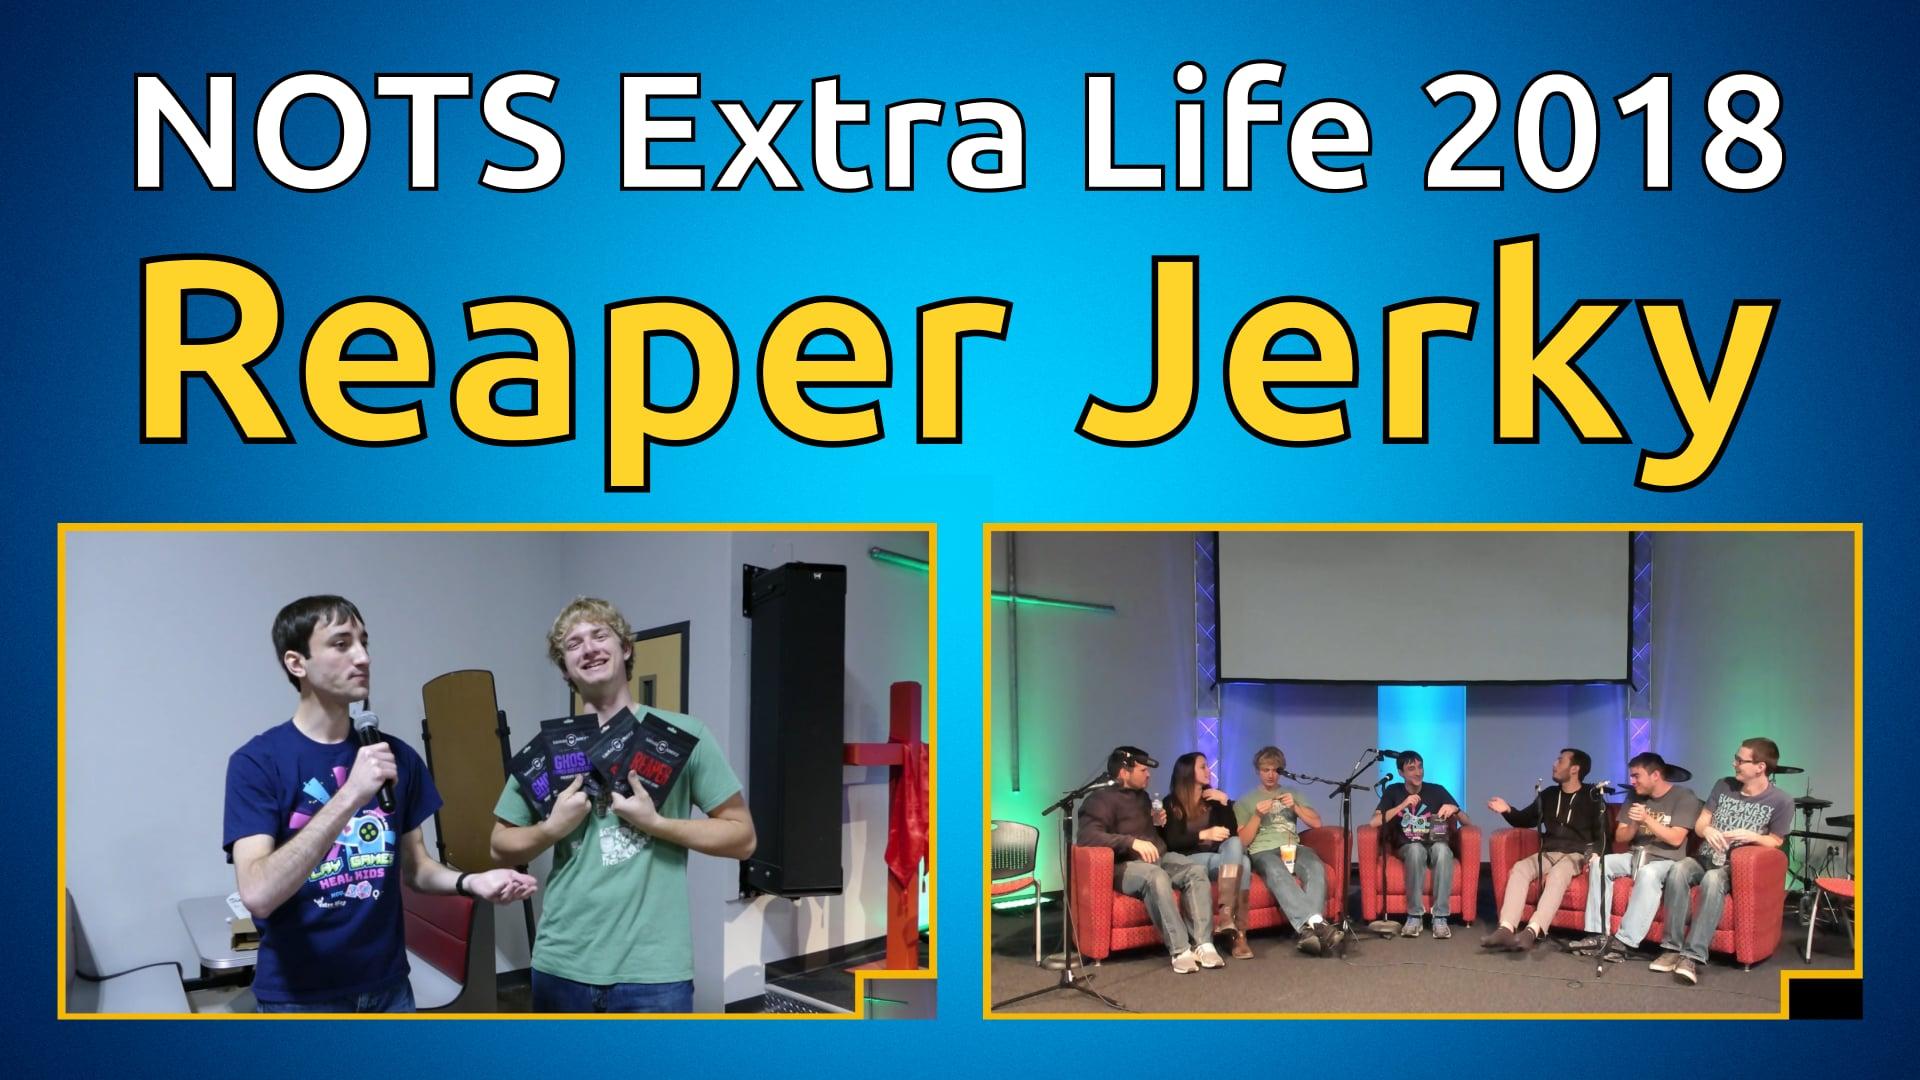 Carolina Reaper Jerky - NOTS Extra Life 2018